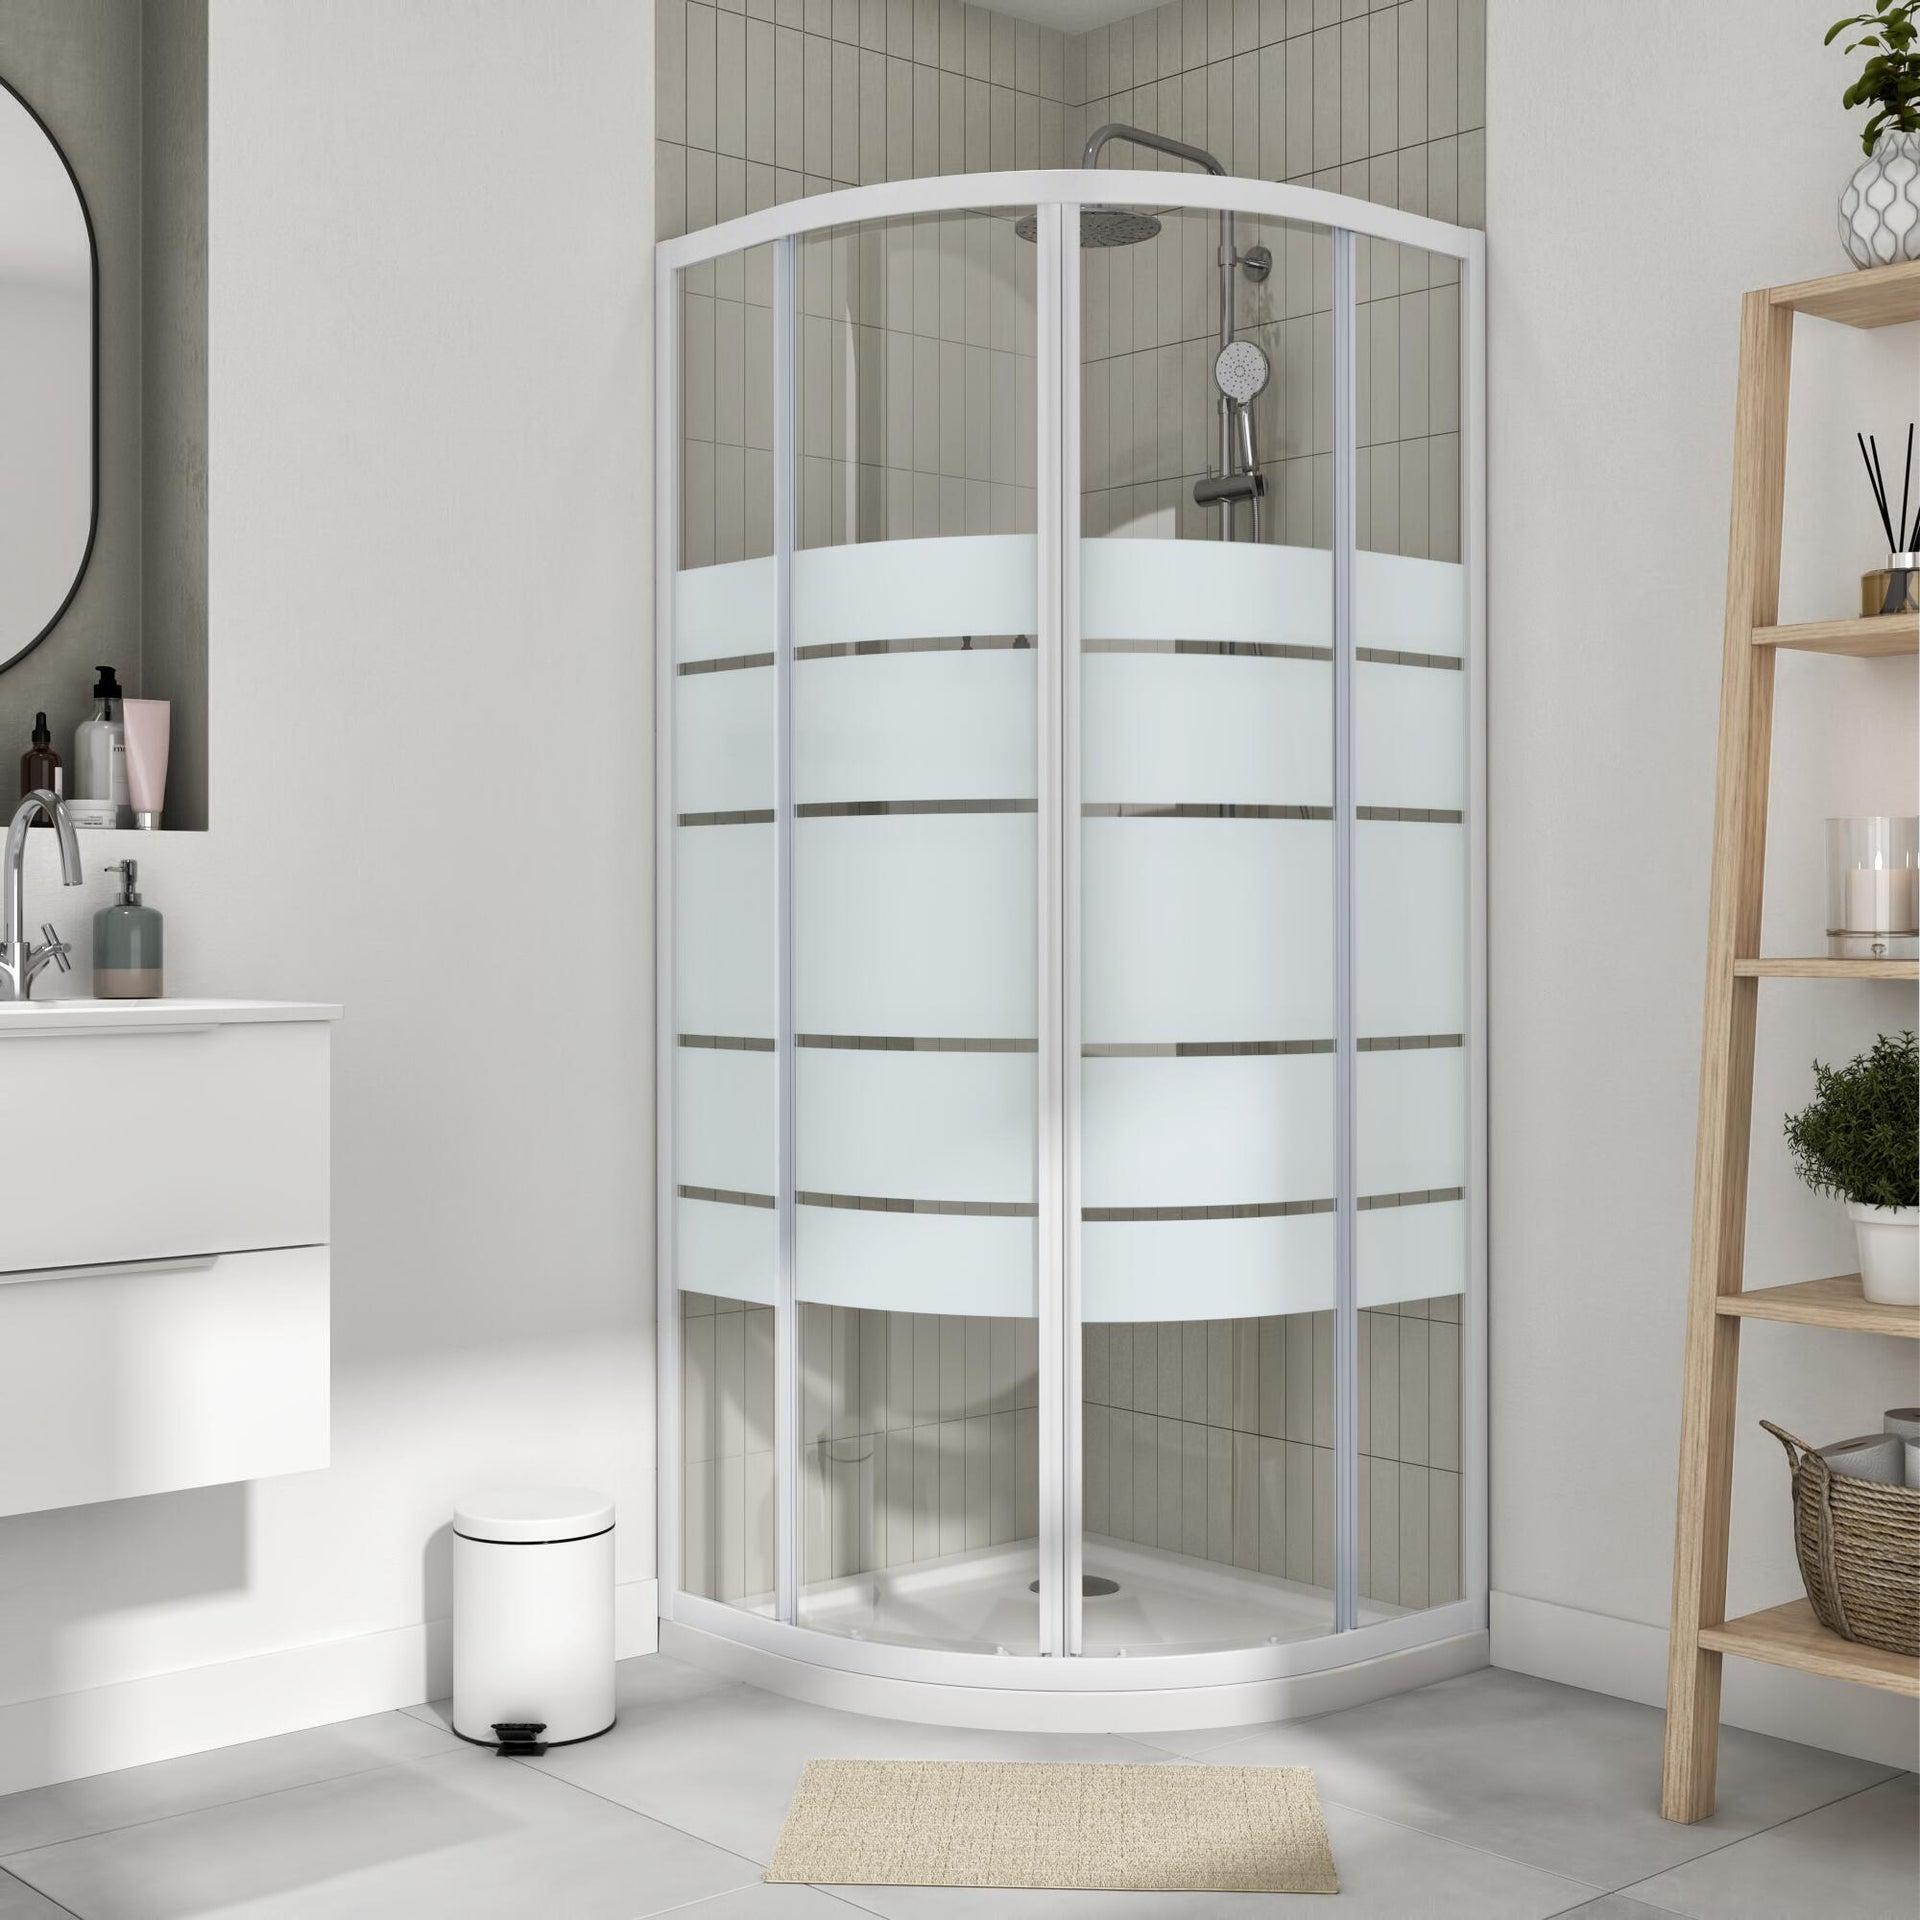 Box doccia semicircolare scorrevole Essential 90 x 90 cm, H 185 cm in vetro temprato, spessore 4 mm serigrafato bianco - 1